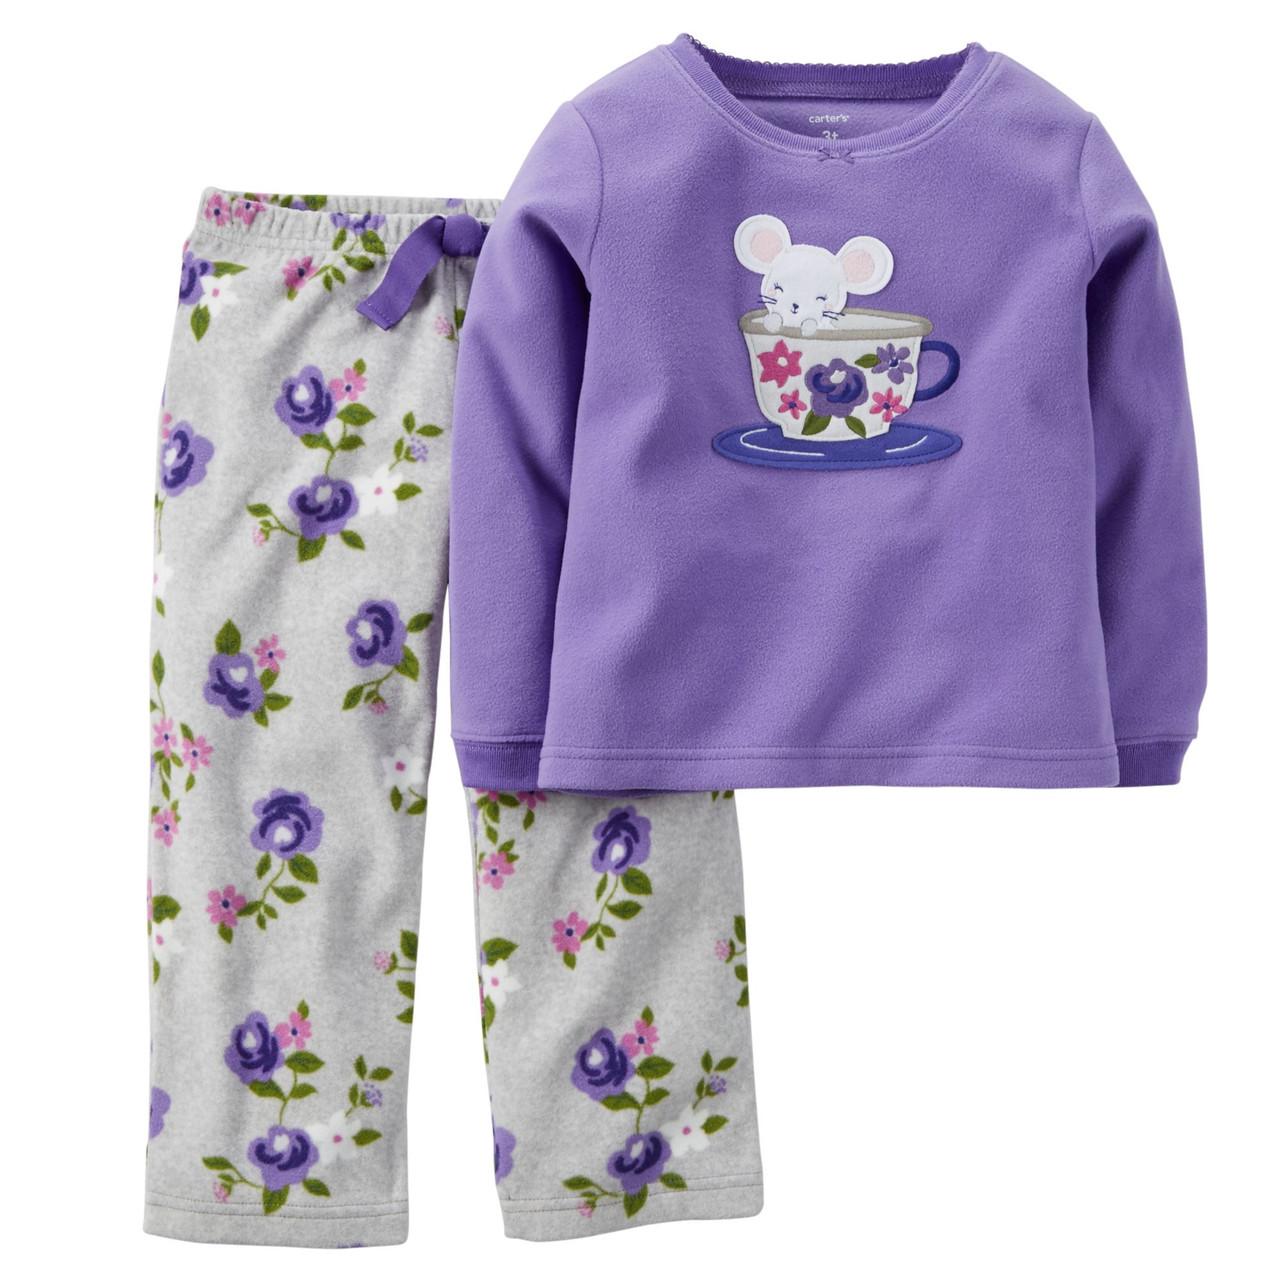 Флисовая пижамка Carters для девочки Мышонок